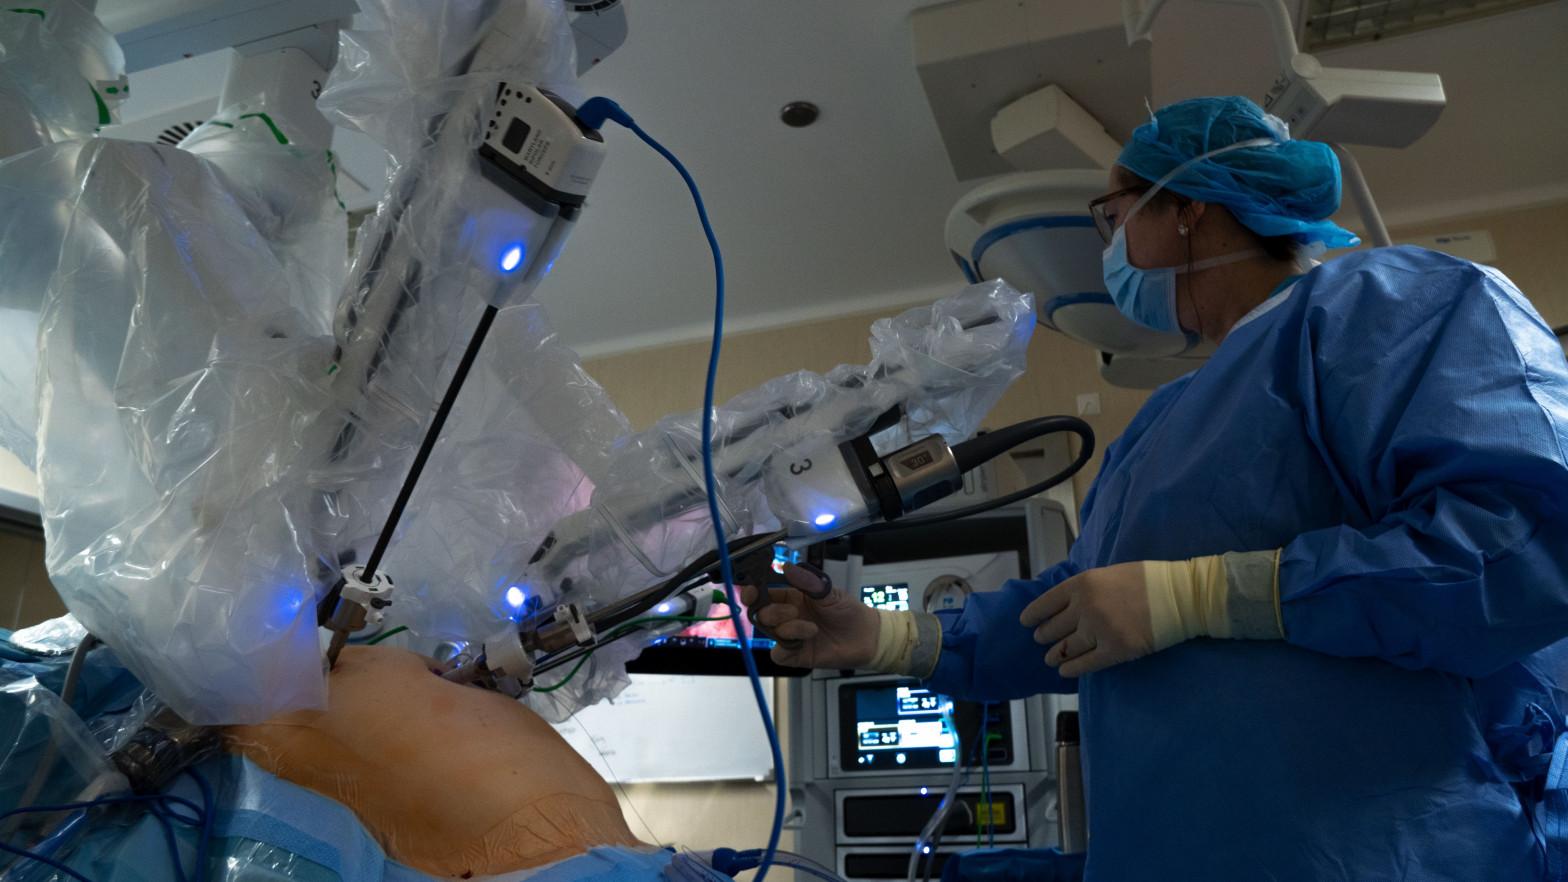 Cantabria gana a Ferrovial: deberá costear los gastos de los robots Da Vinci de su hospital